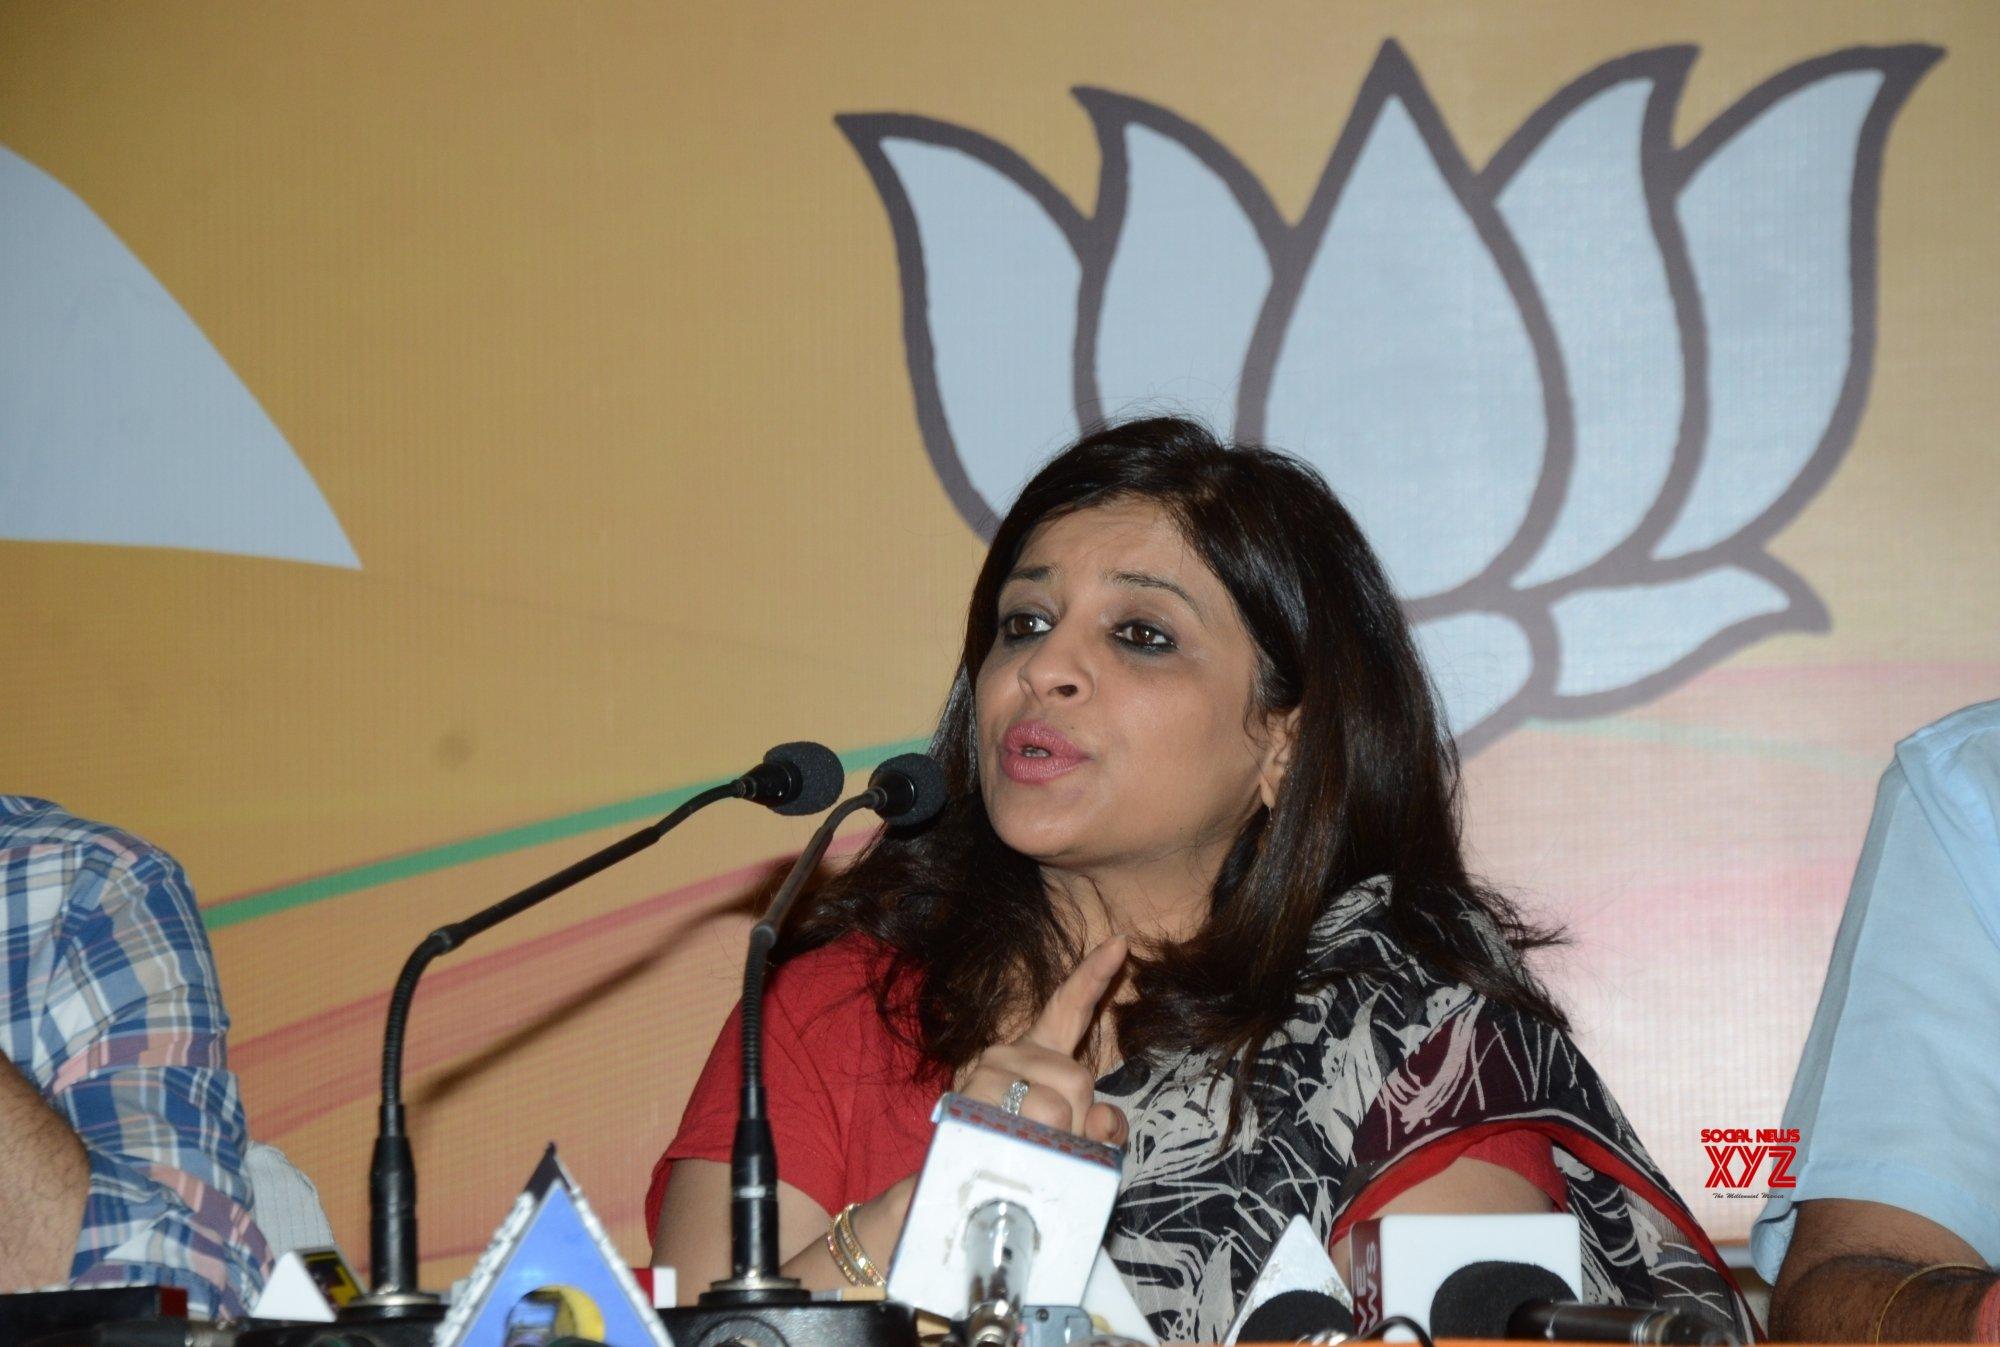 New Delhi: Shazia Ilmi's press conference #Gallery